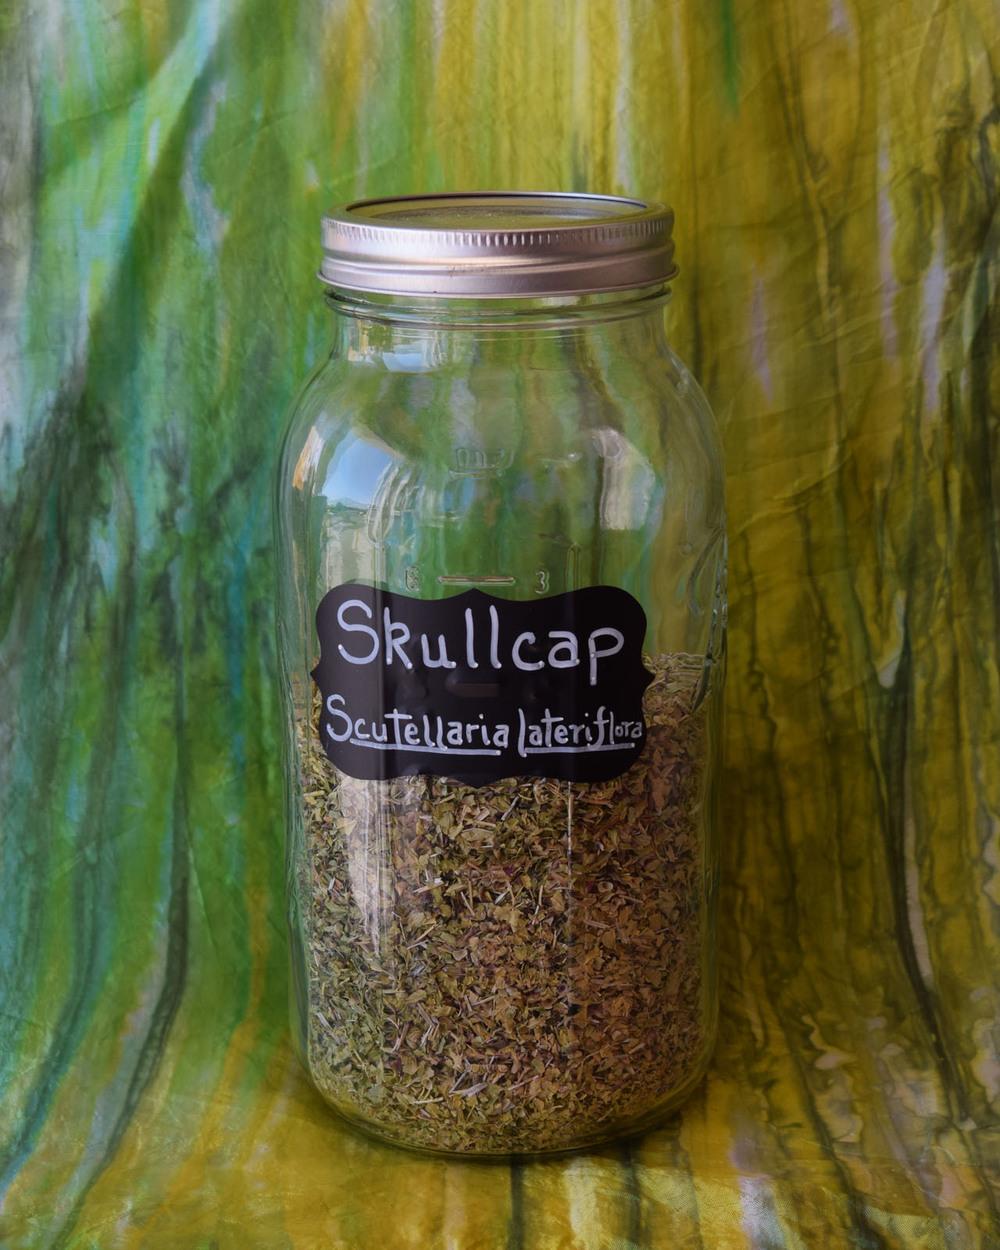 Skullcap*